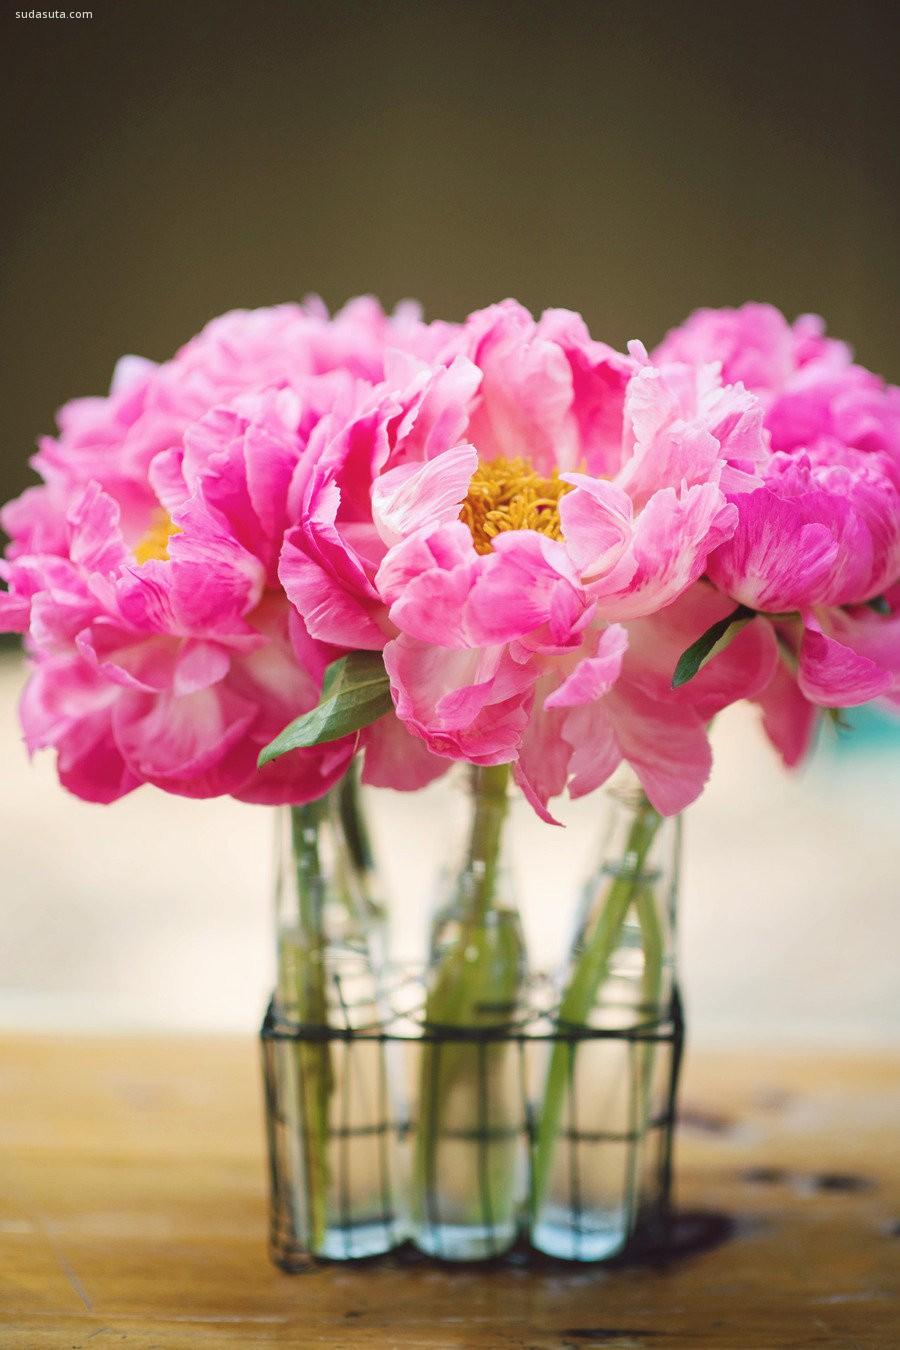 粉红色的爱恋 轻语花香